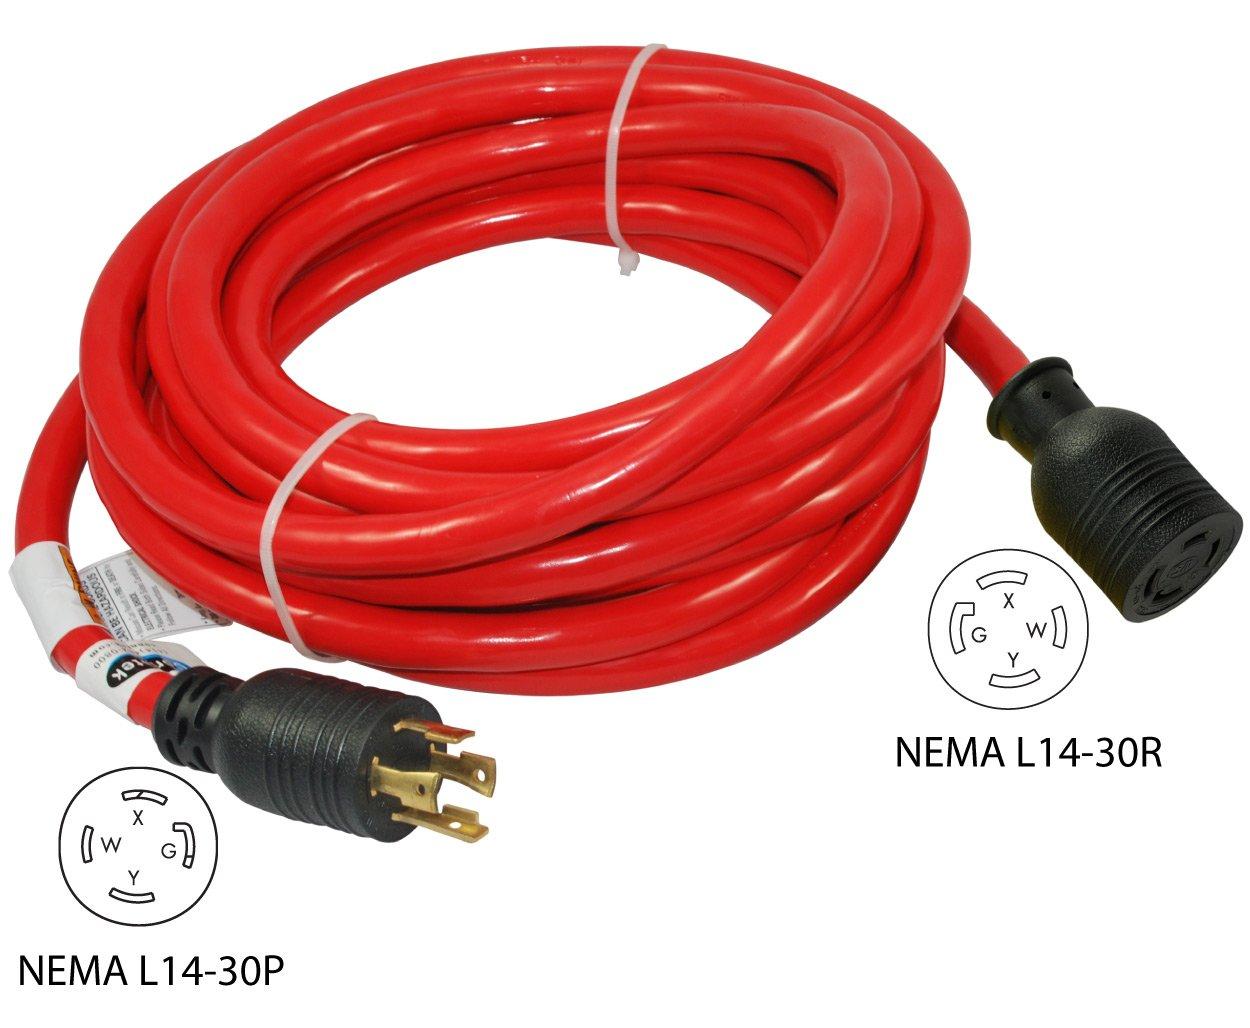 Conntek 20602 L14 30 4 Prong Amp Generator Cord 50 Reliance Controls Pb30 L1430 Power Inlet Box Feet Garden Outdoor